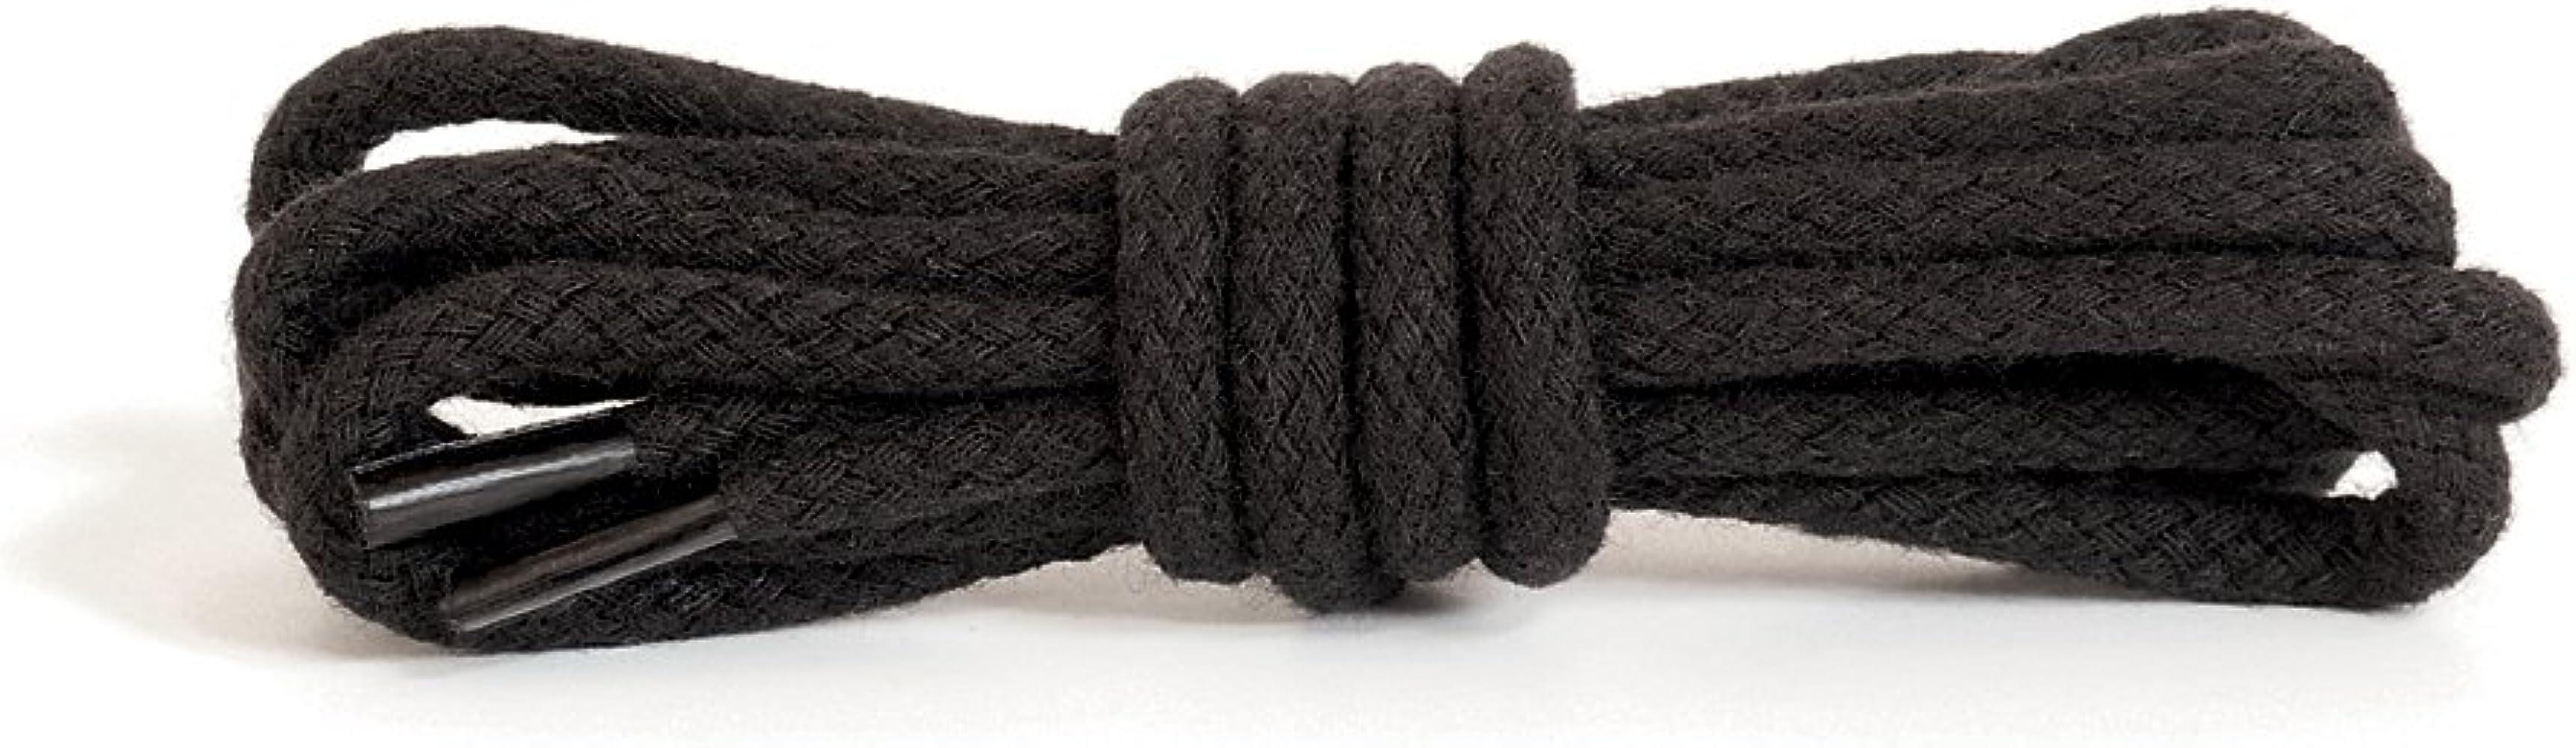 12 X NEW 100CM PER PAIR SHOE LACES  GOOD LENGTH BROWN BLACK /& WHITE BOOT LACES